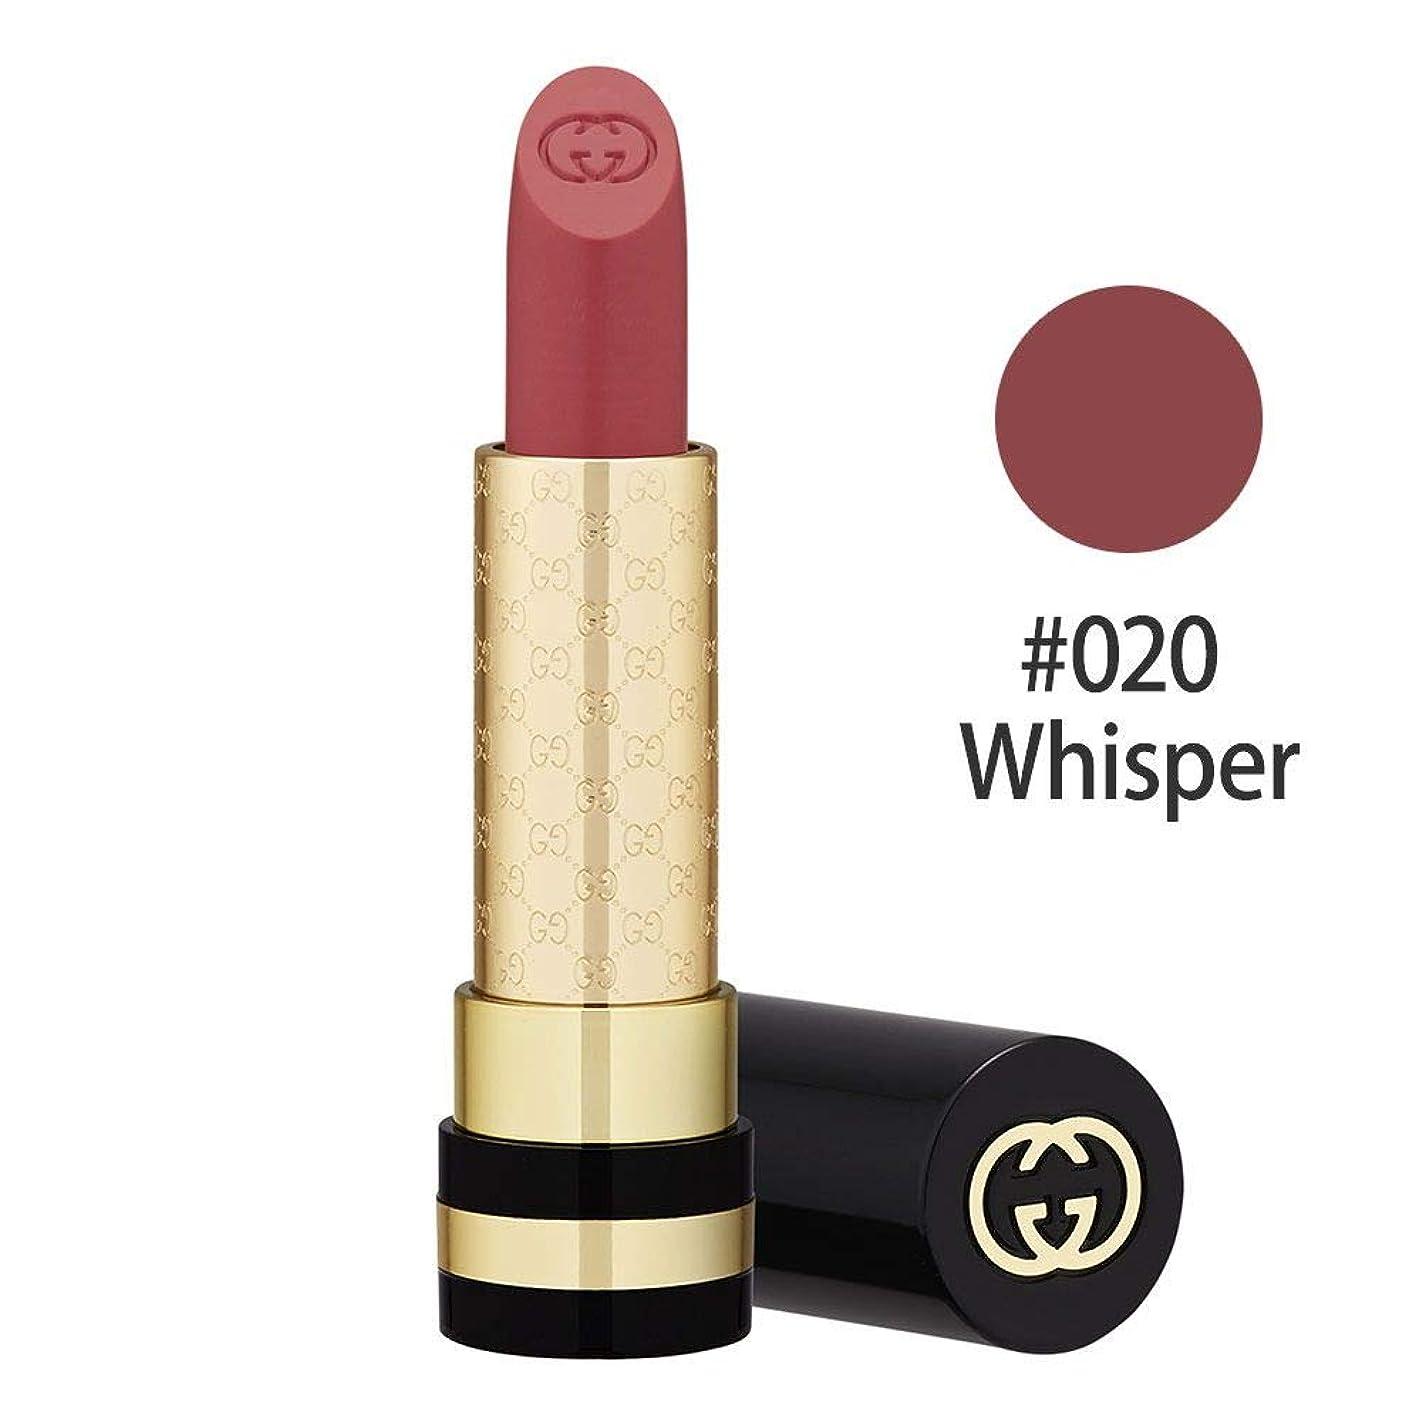 クラスフラスコ濃度Gucci オーデイシャスカラーインテンスリップスティック #020 WHISPER 3.5g [839493] [並行輸入品]